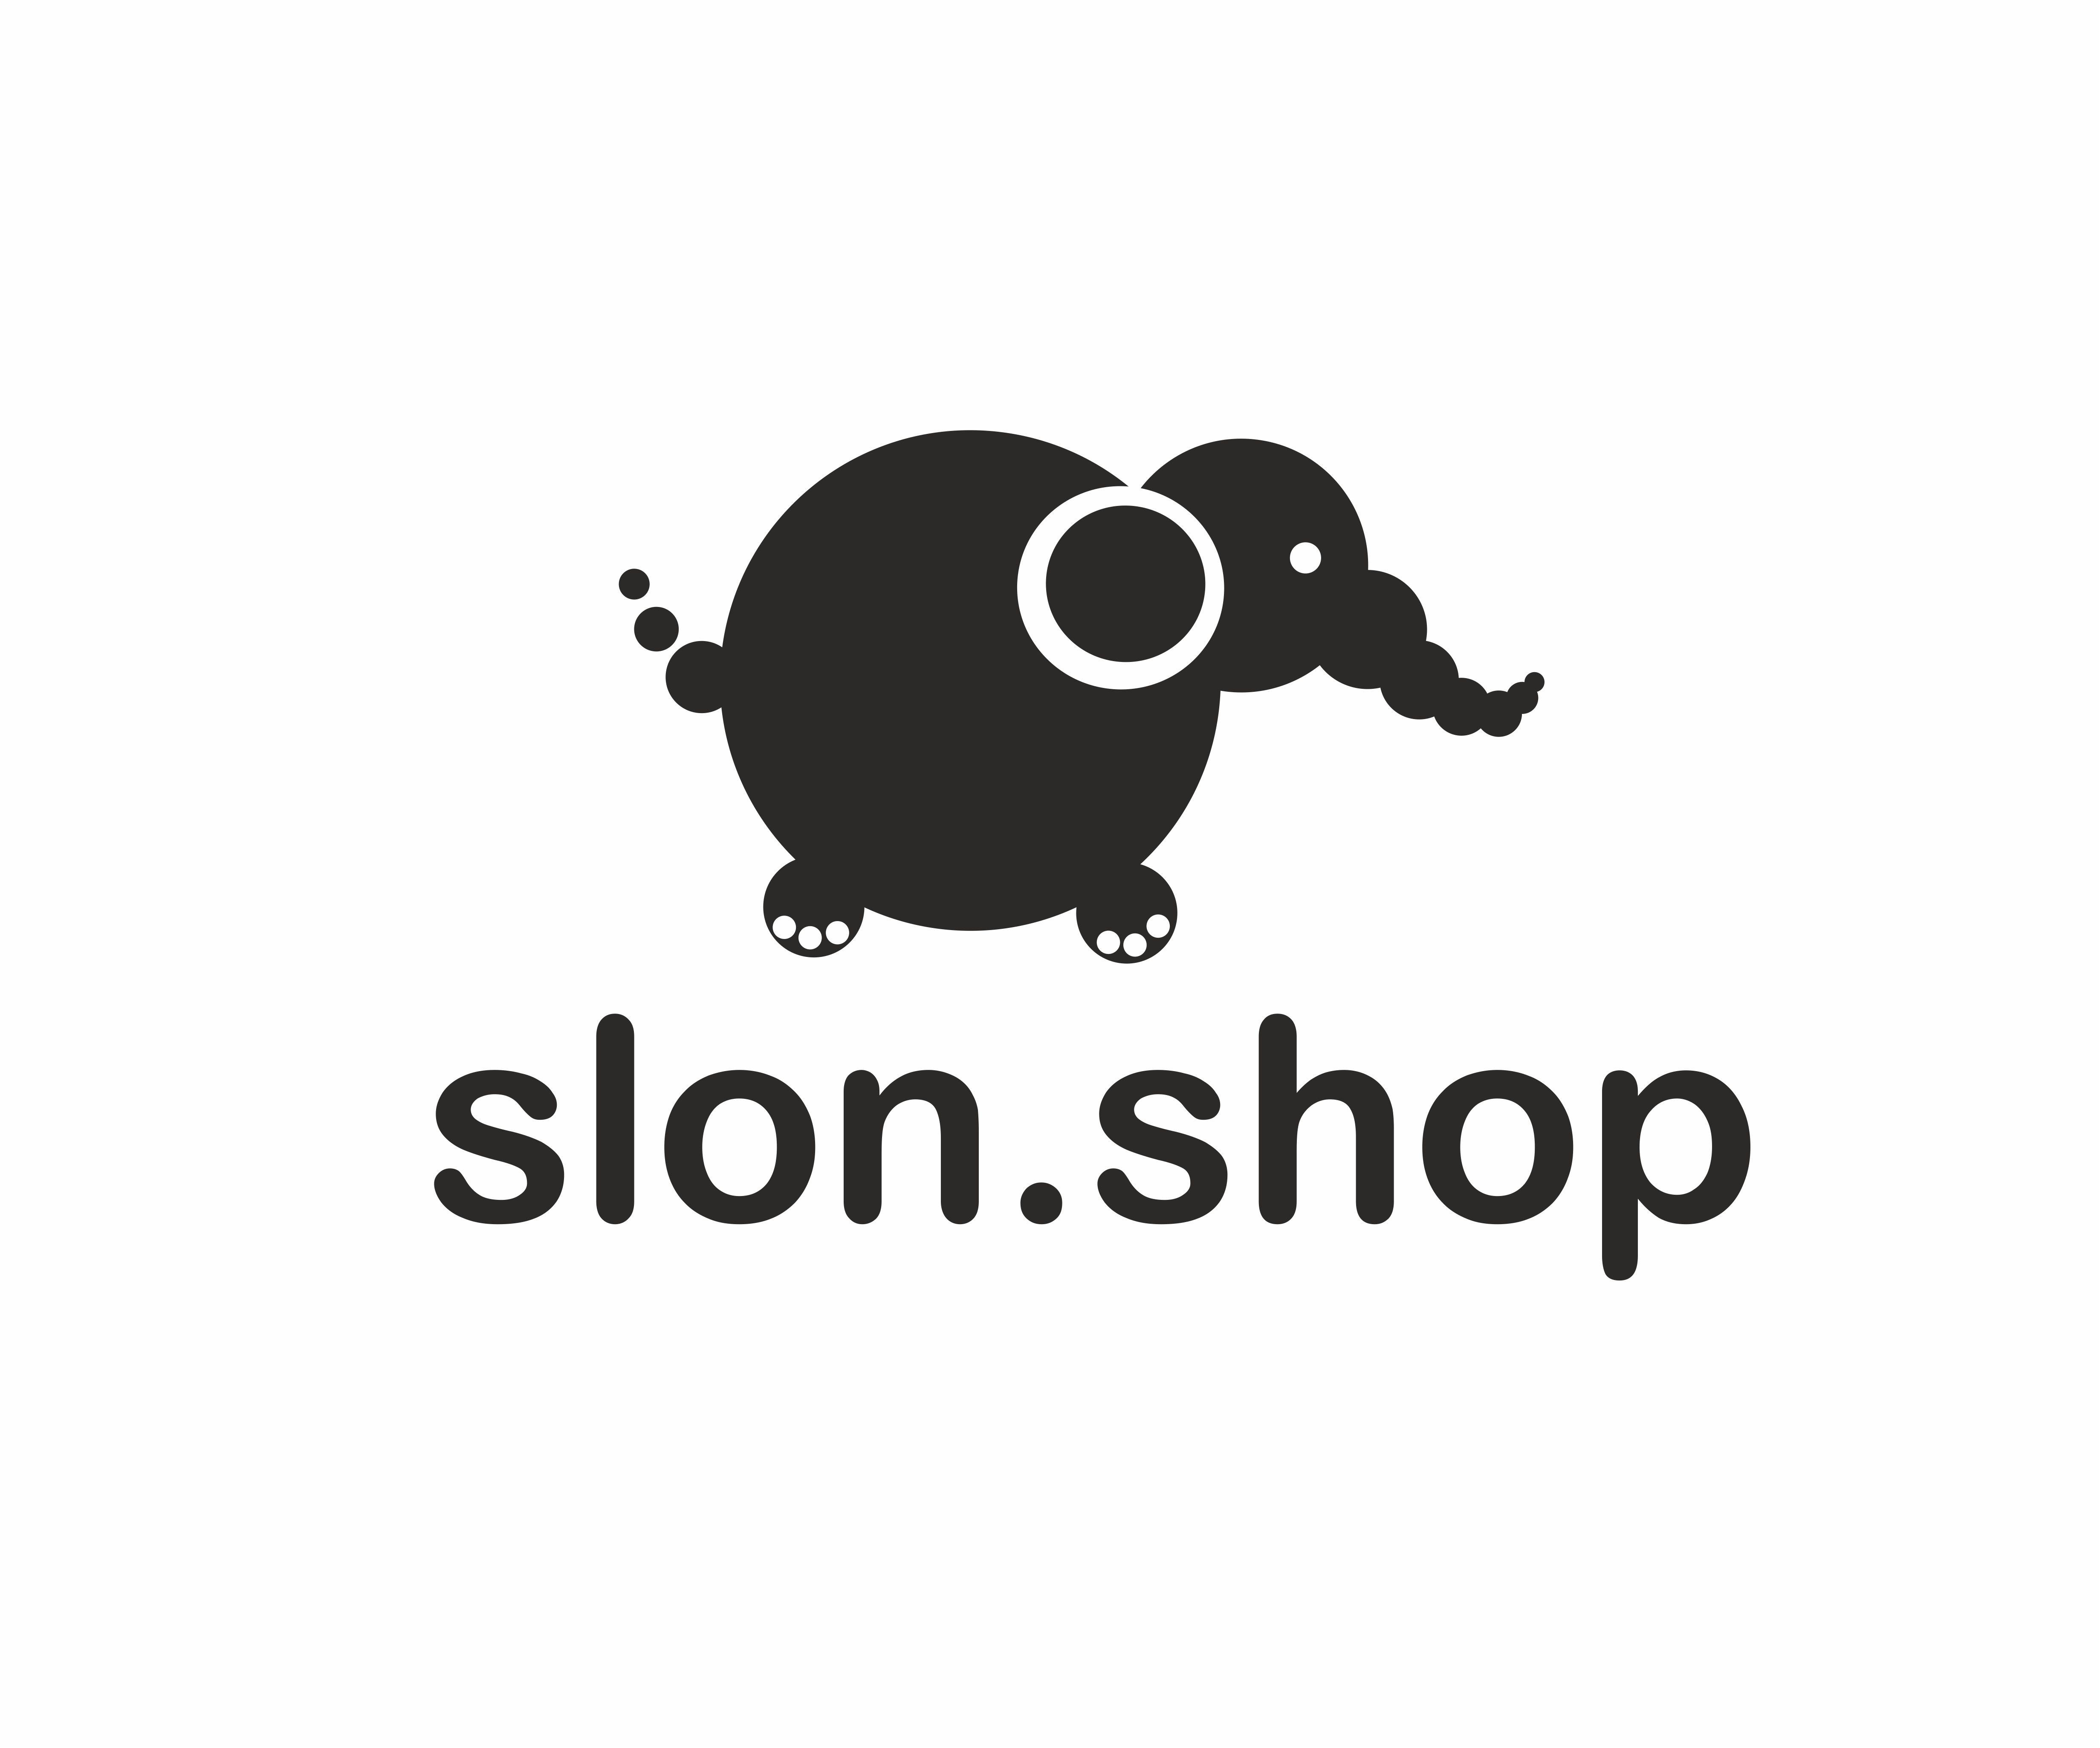 Разработать логотип и фирменный стиль интернет-магазина  фото f_214598d78218e1fb.jpg